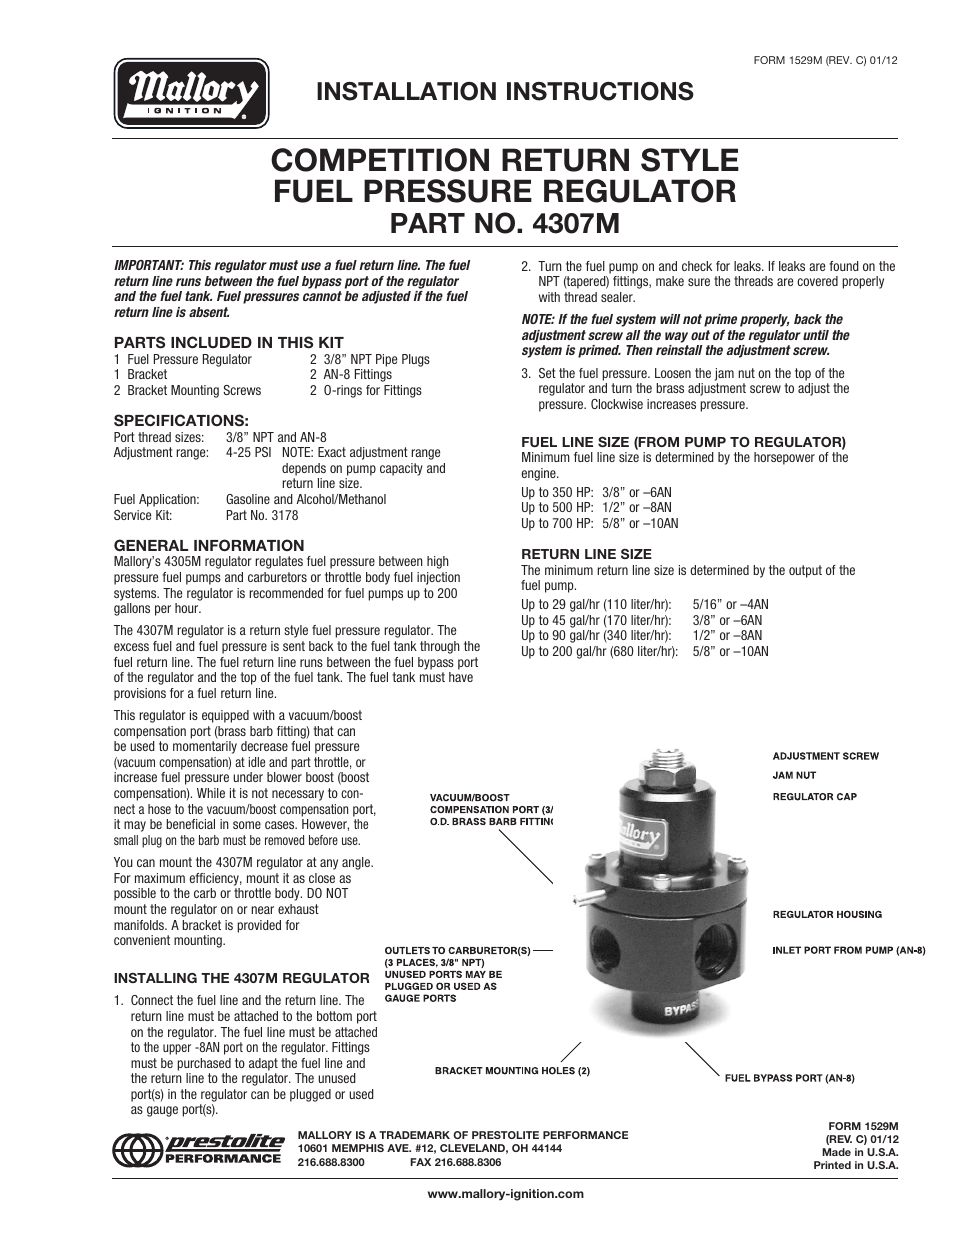 Quattroworld Com Forums Fuel Pressure Regulator Info Manual Guide